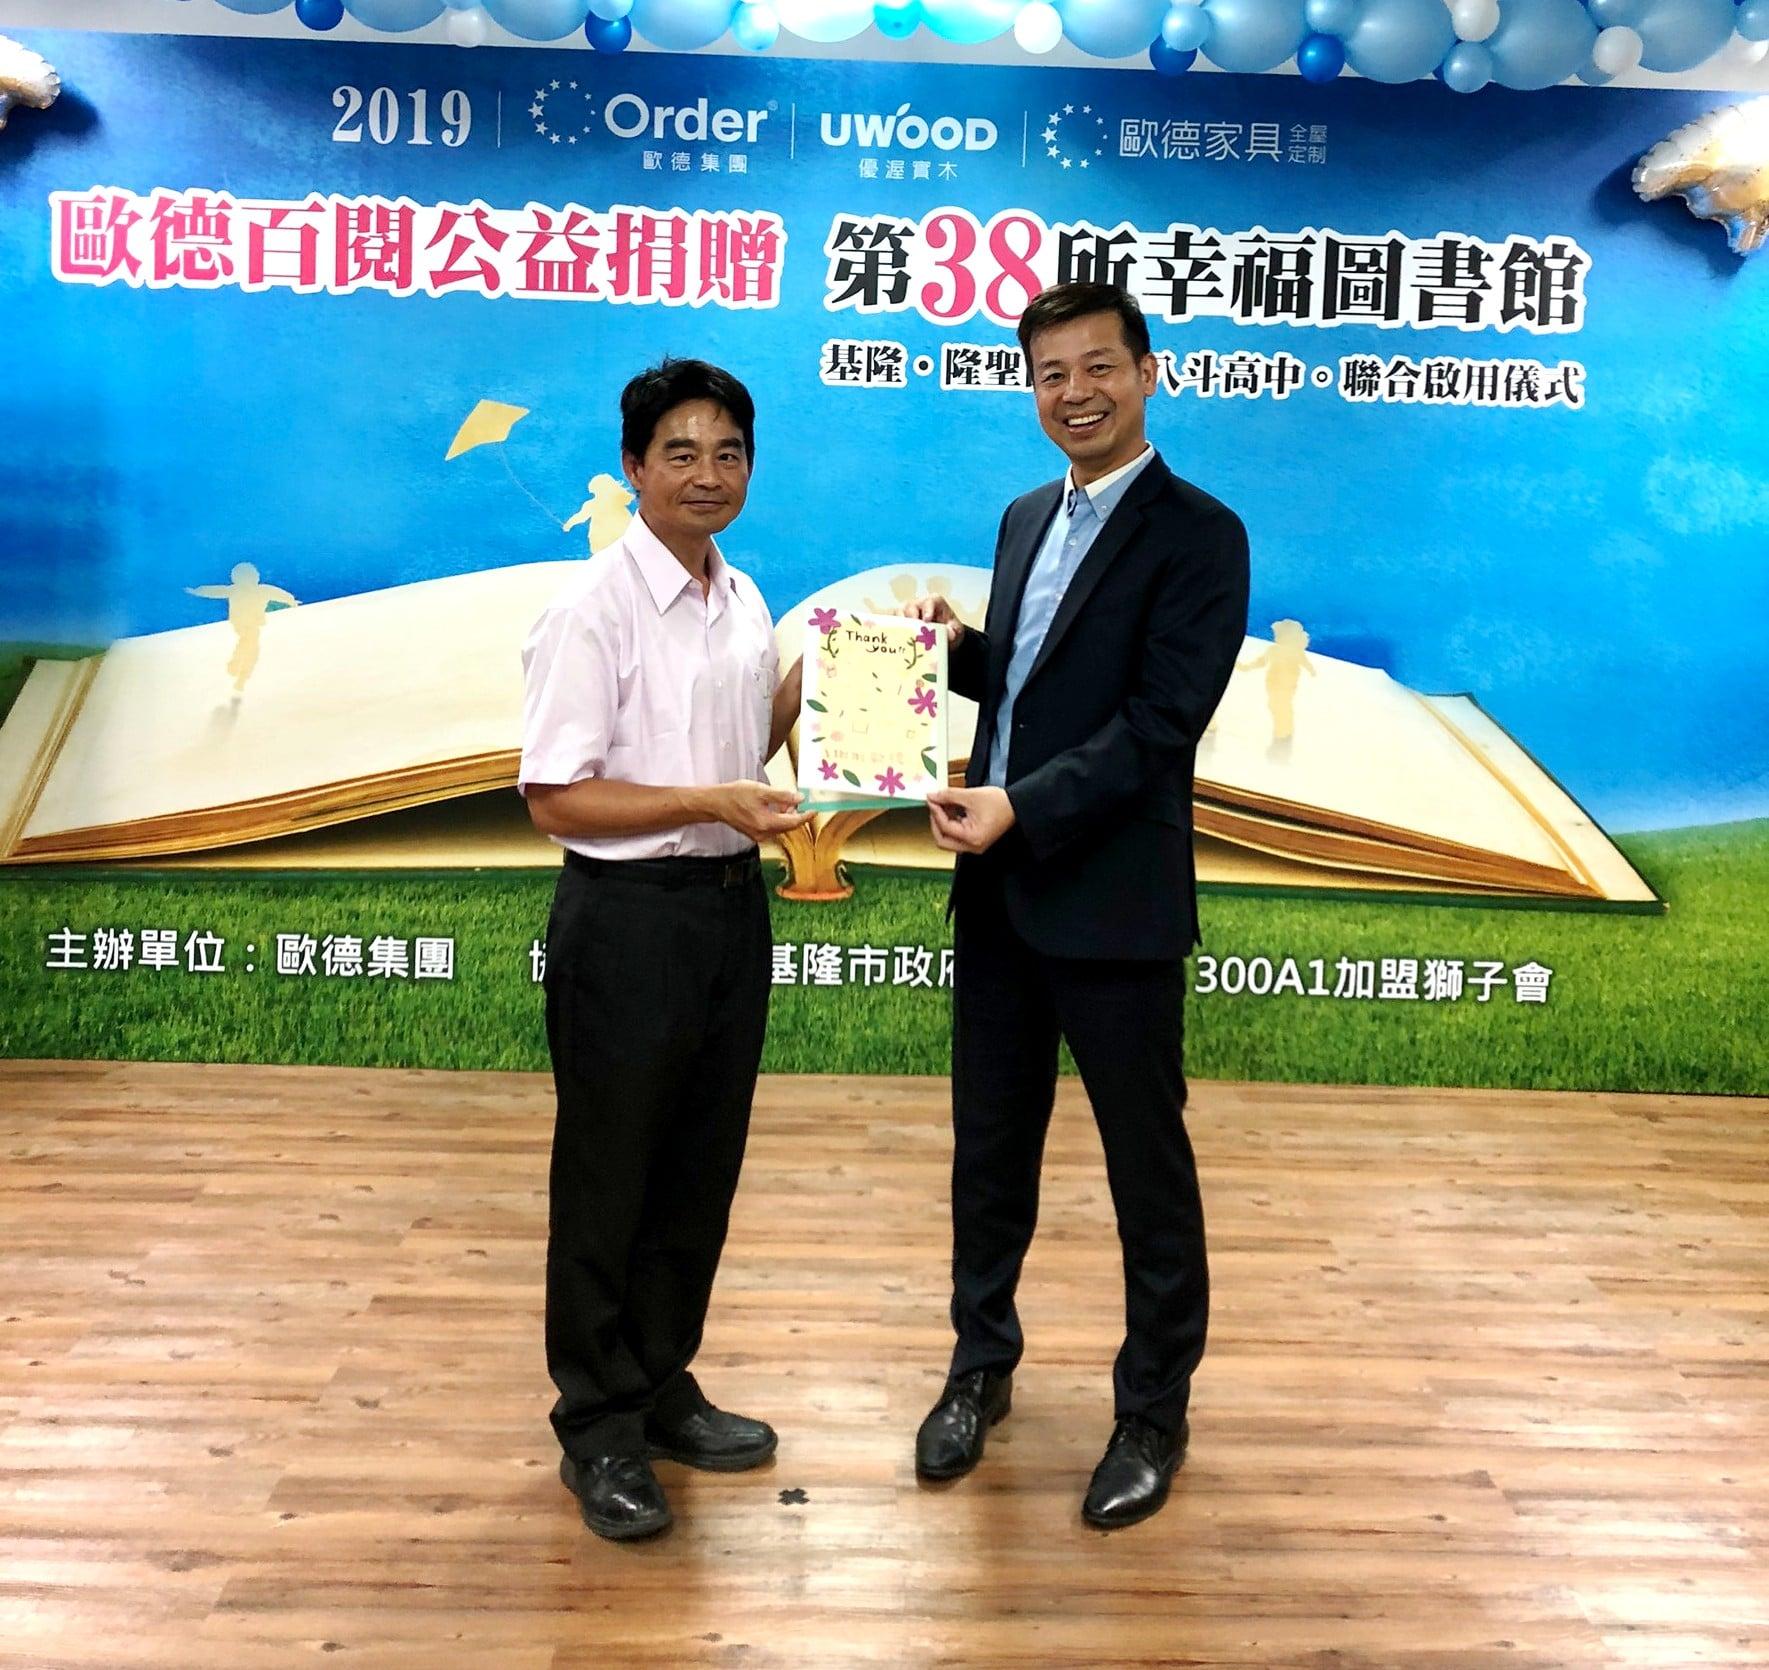 隆聖國小魏川淵校長以同學親手製作之感謝卡致贈歐德集團陳國都董事長。